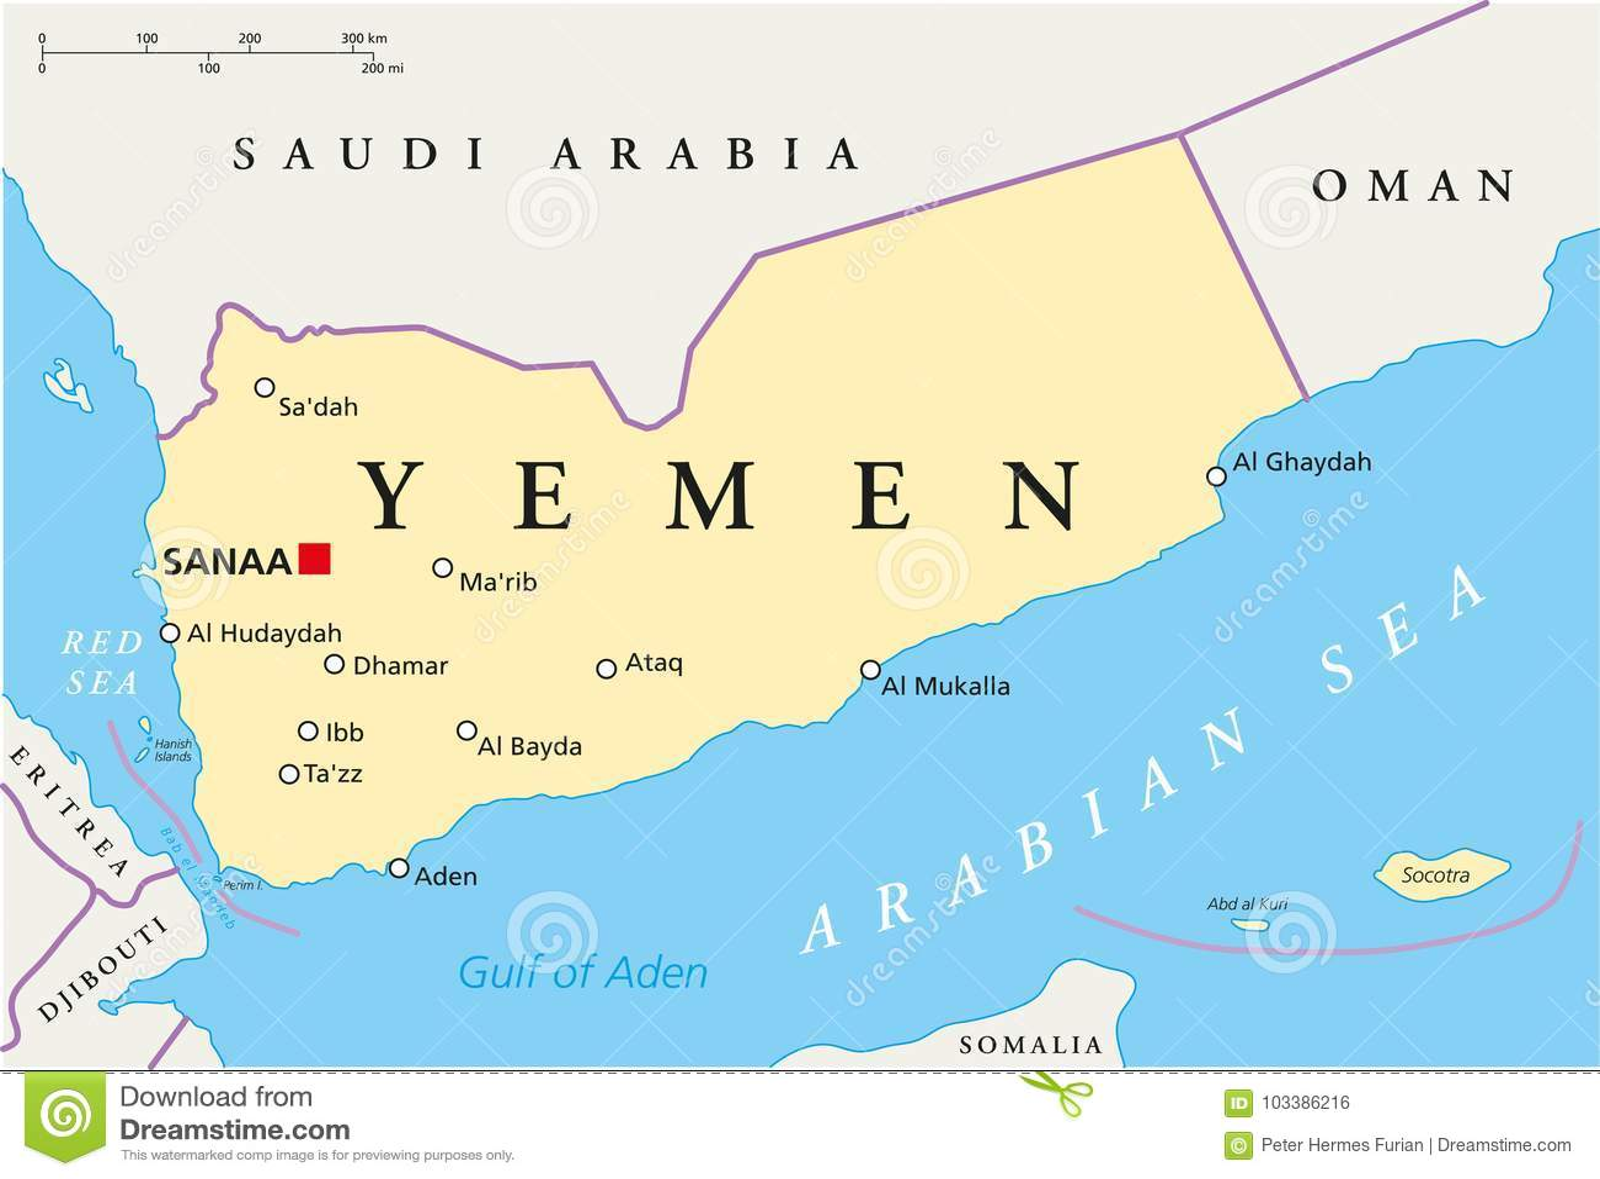 jemen karte Der Jemen politische Karte vektor abbildung. Illustration von  jemen karte